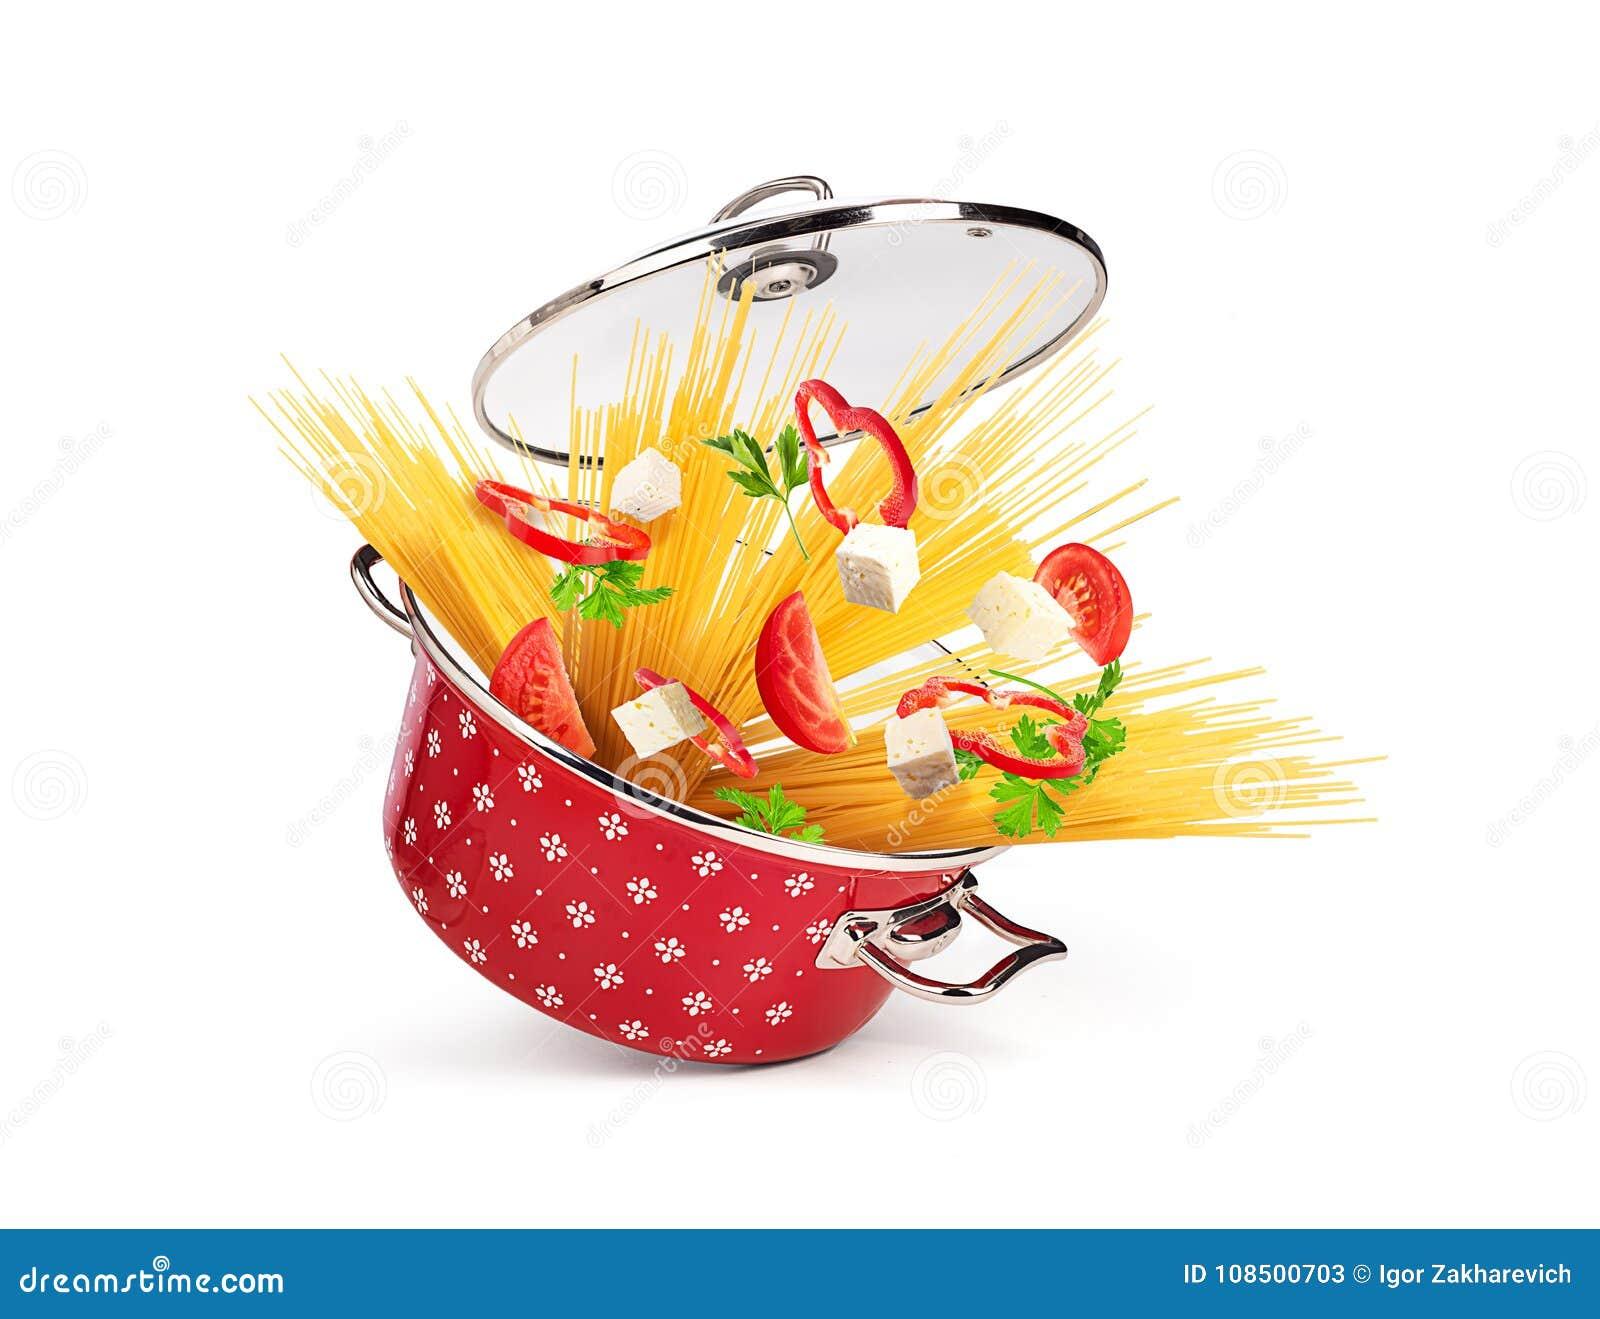 Caçarola vermelha com massa e queijo, vegetais, isolados